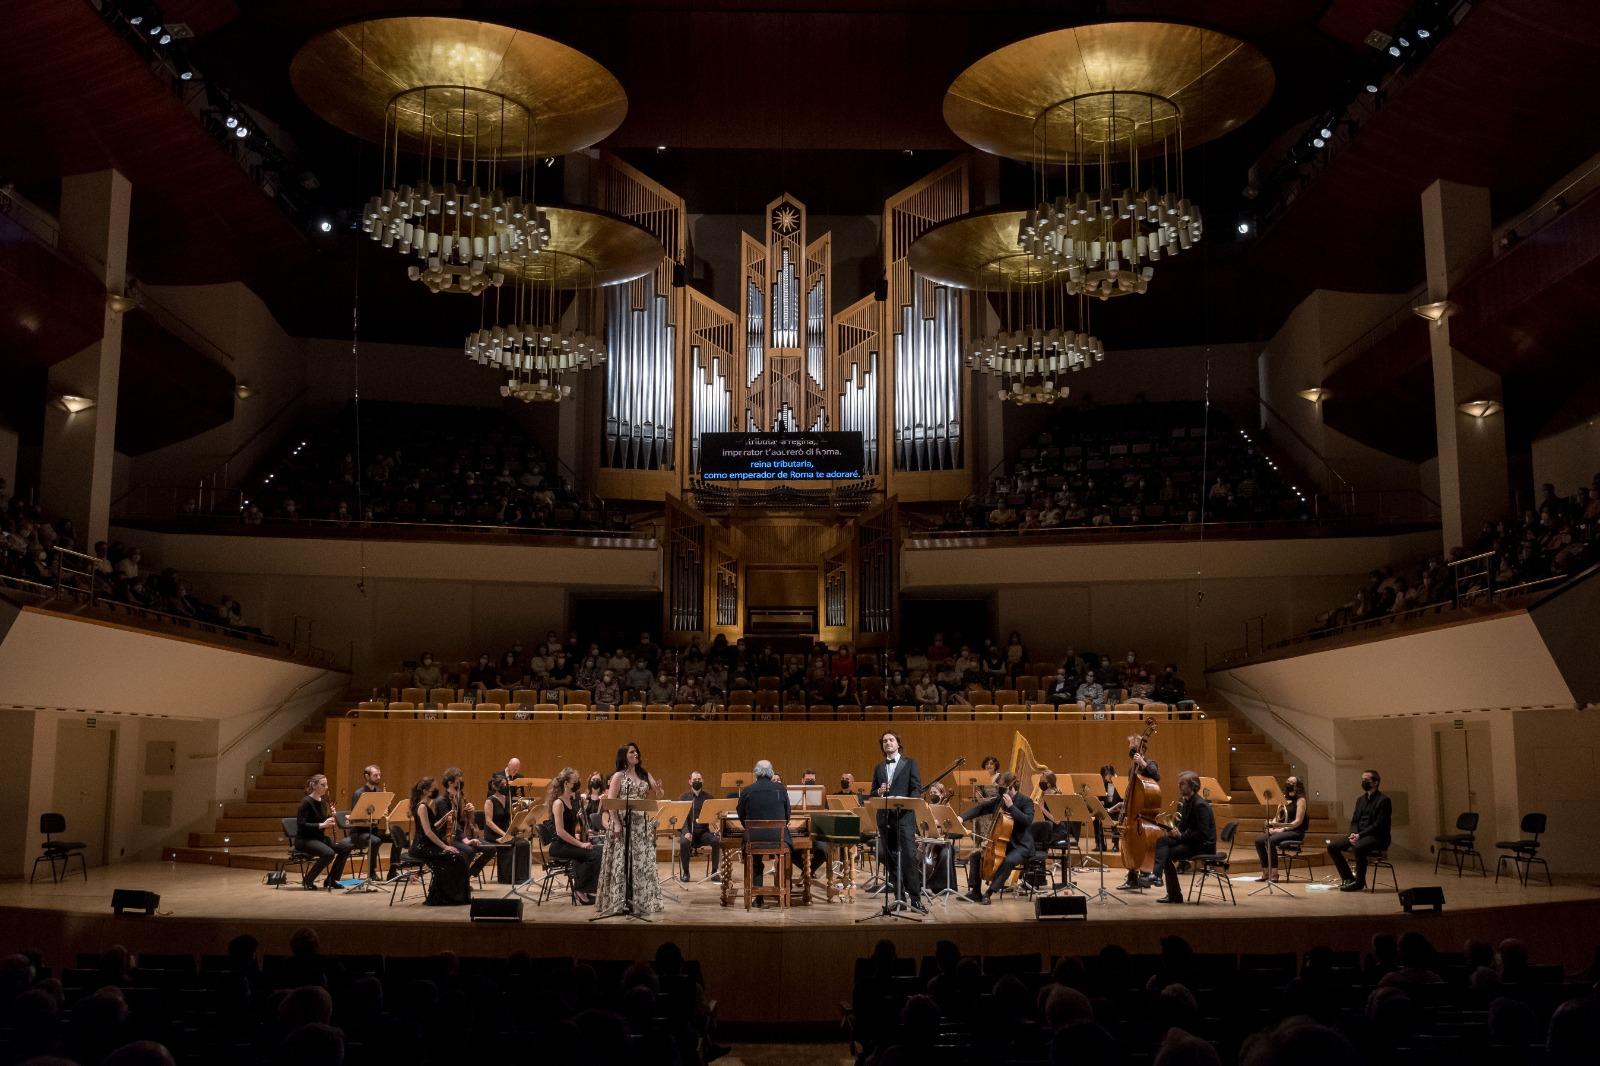 Crítica: Haendel estrena en España una variante de su